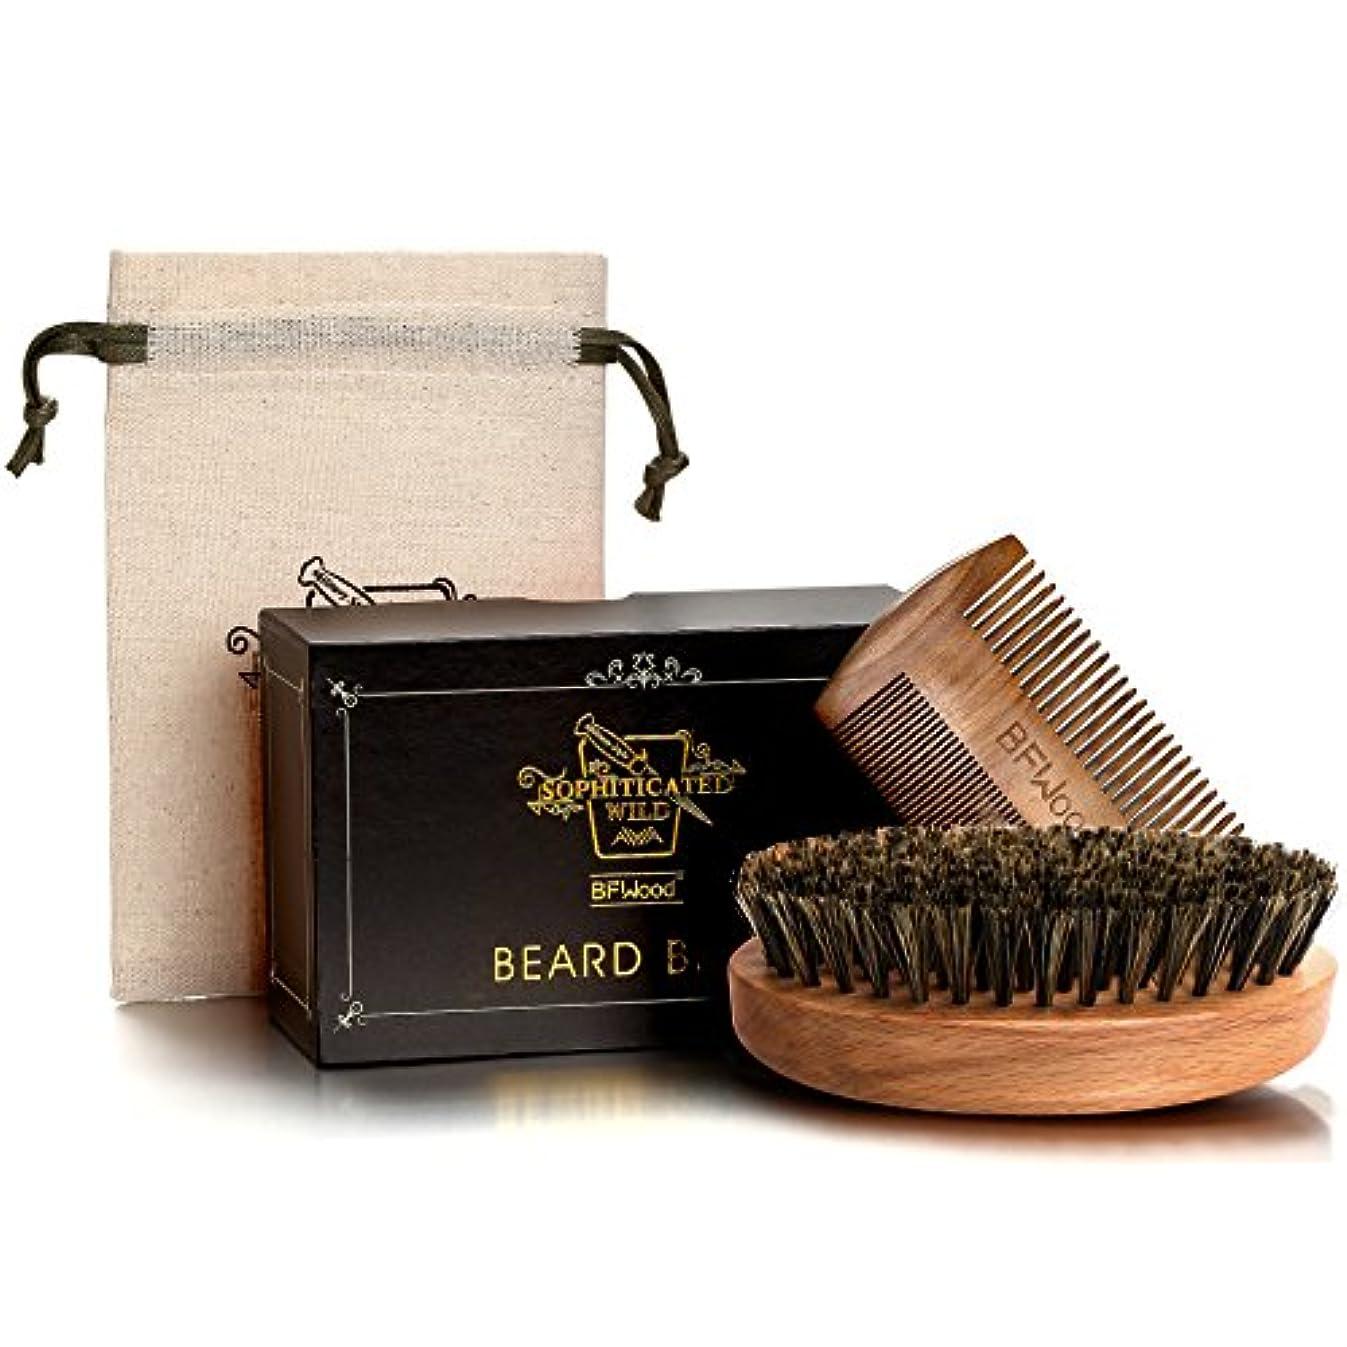 オピエートオレンジモナリザBFWood Beard Brush Set 豚毛髭ブラシと木製コム アメリカミリタリースタイル (ブラシとコムセット)